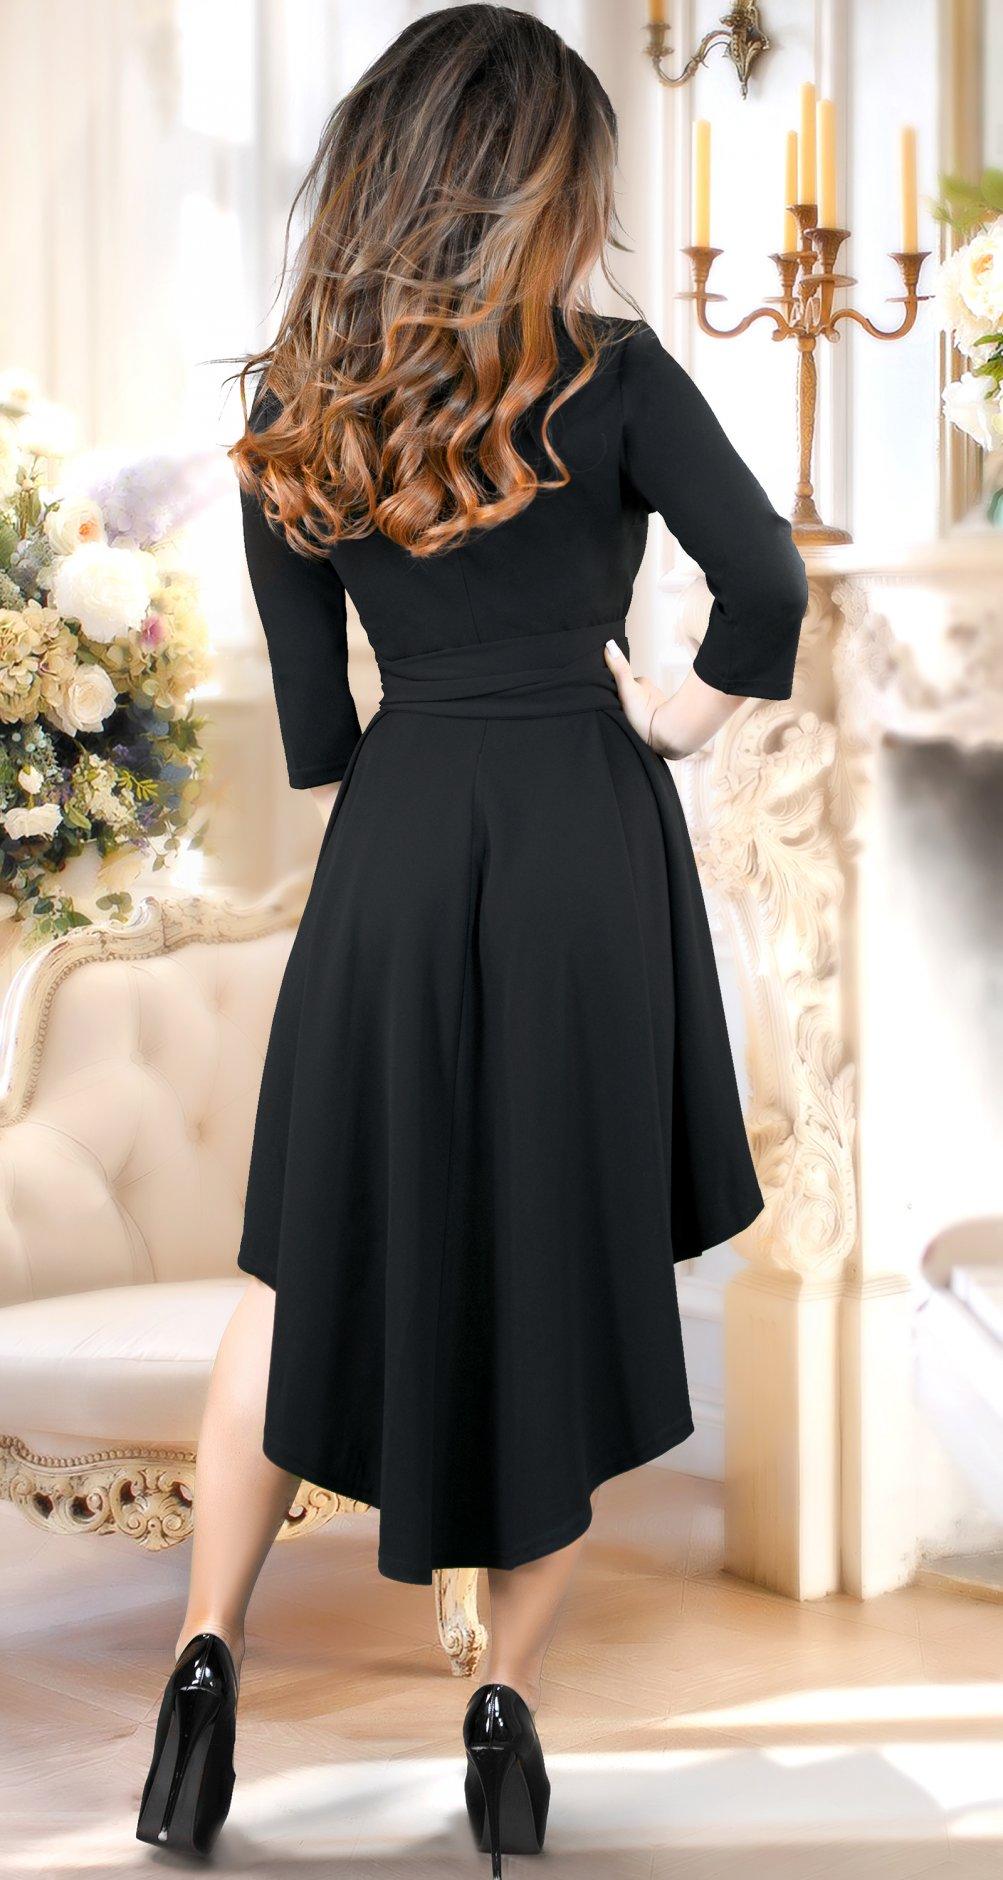 003db58eb0f Асимметричное черное нарядное платье Асимметричное черное нарядное платье  ...